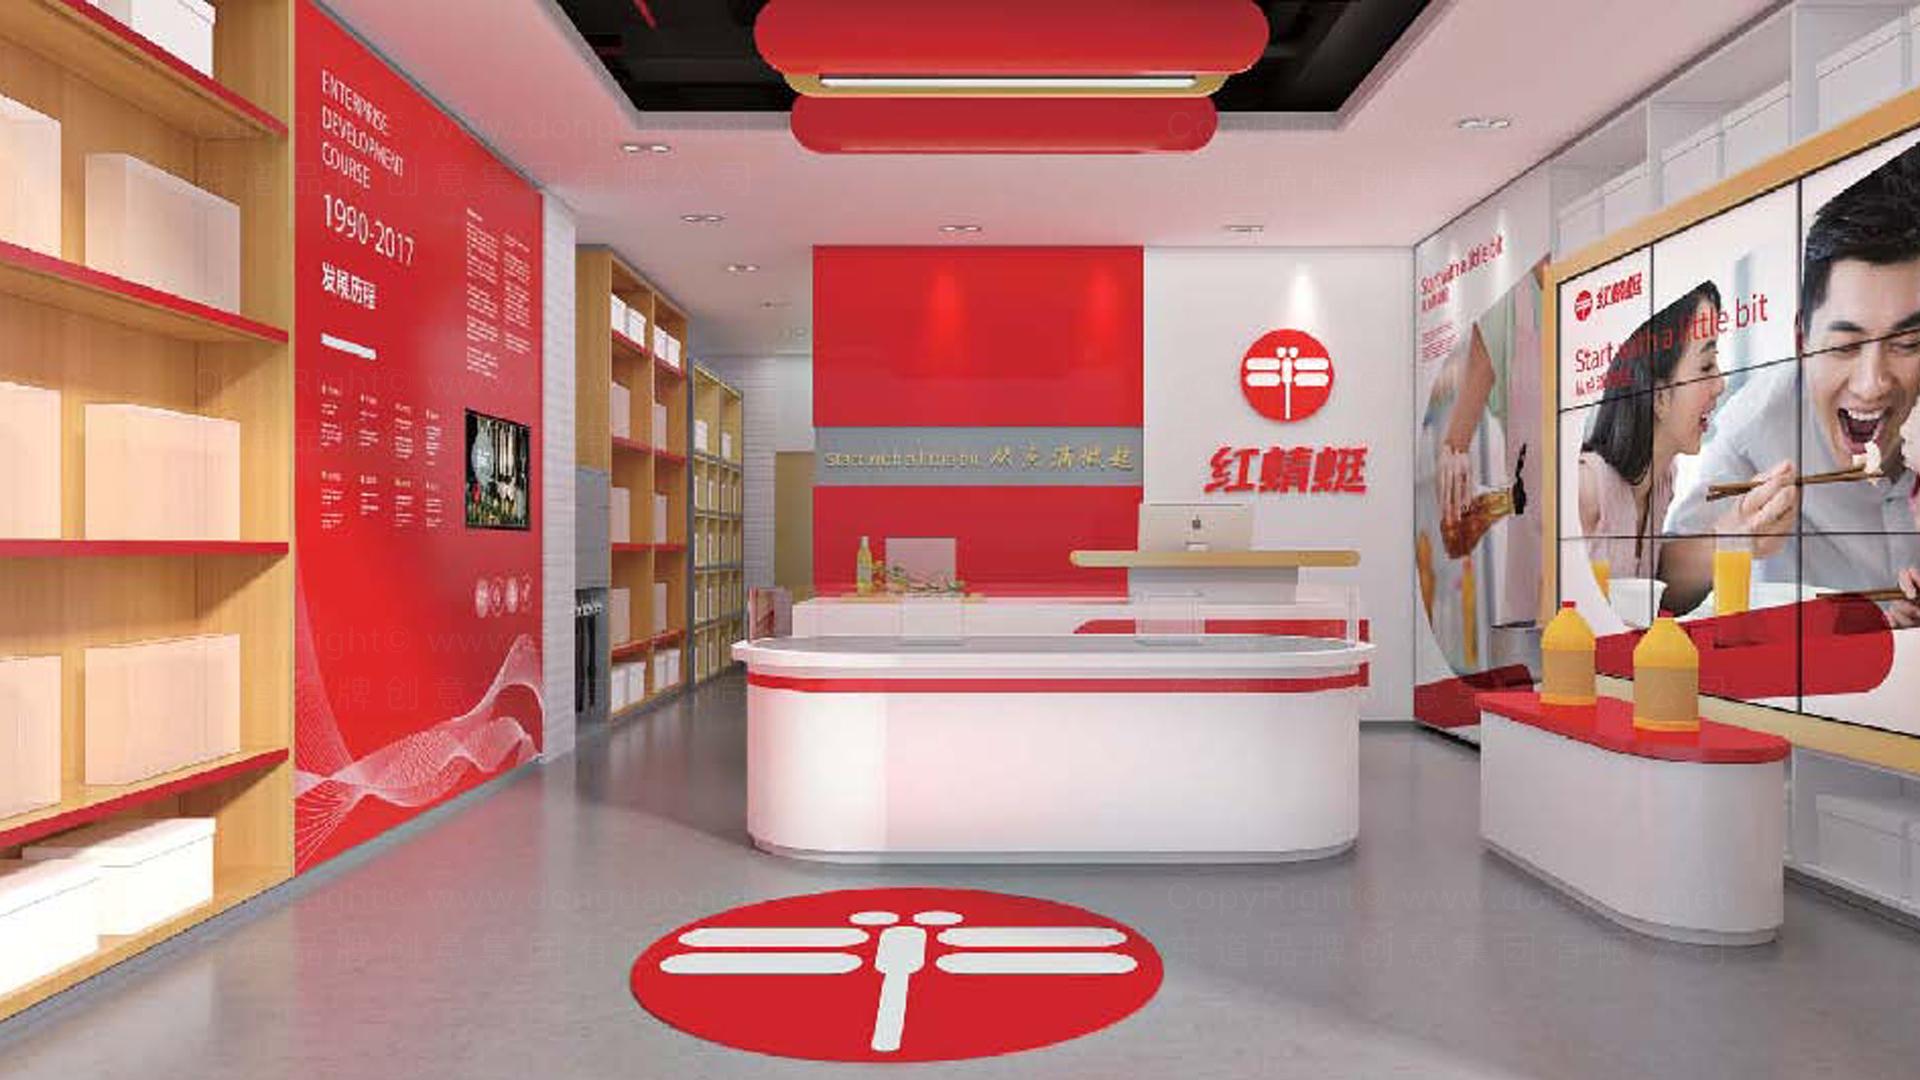 快速消费商业空间&导示红蜻蜓SI环境概念设计